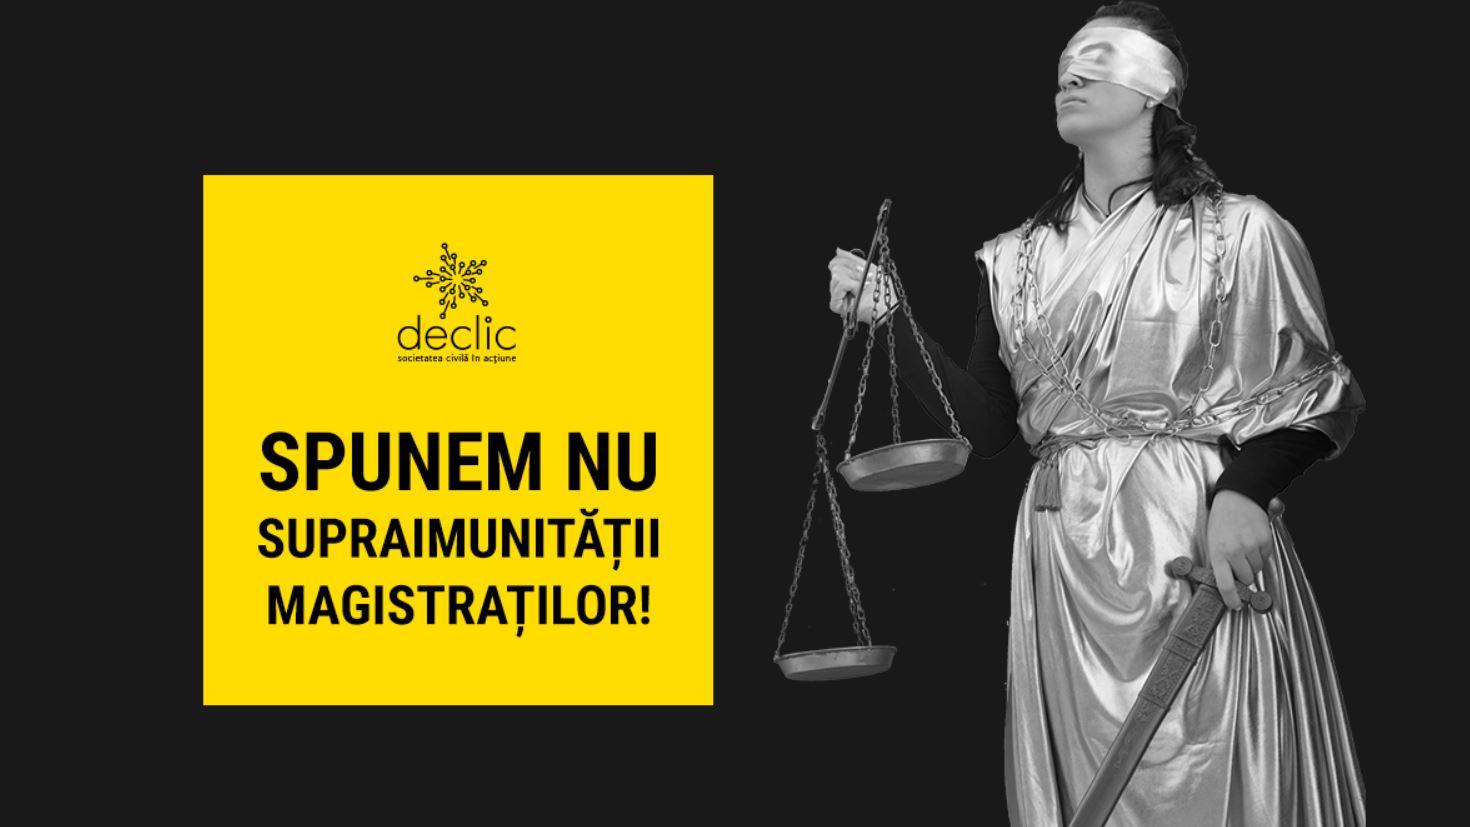 Supraimunitate pentru magistrati?